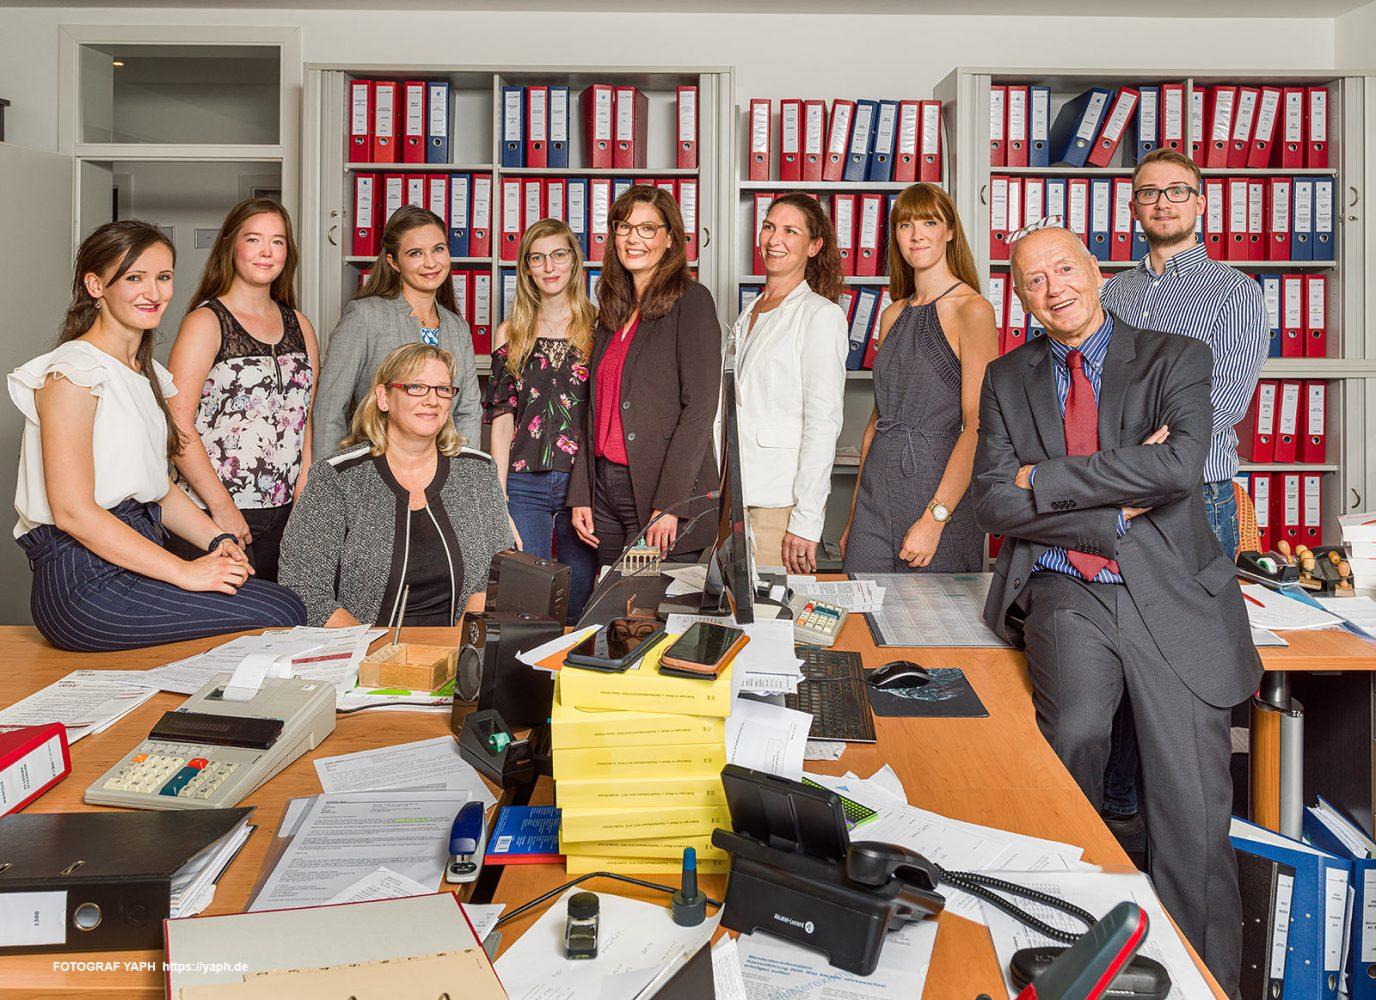 Das Teamfoto der Kanzlei und Steuerberatung Heck-Billewitz von Fotograf für Firmen und Werbefotograf Yaph